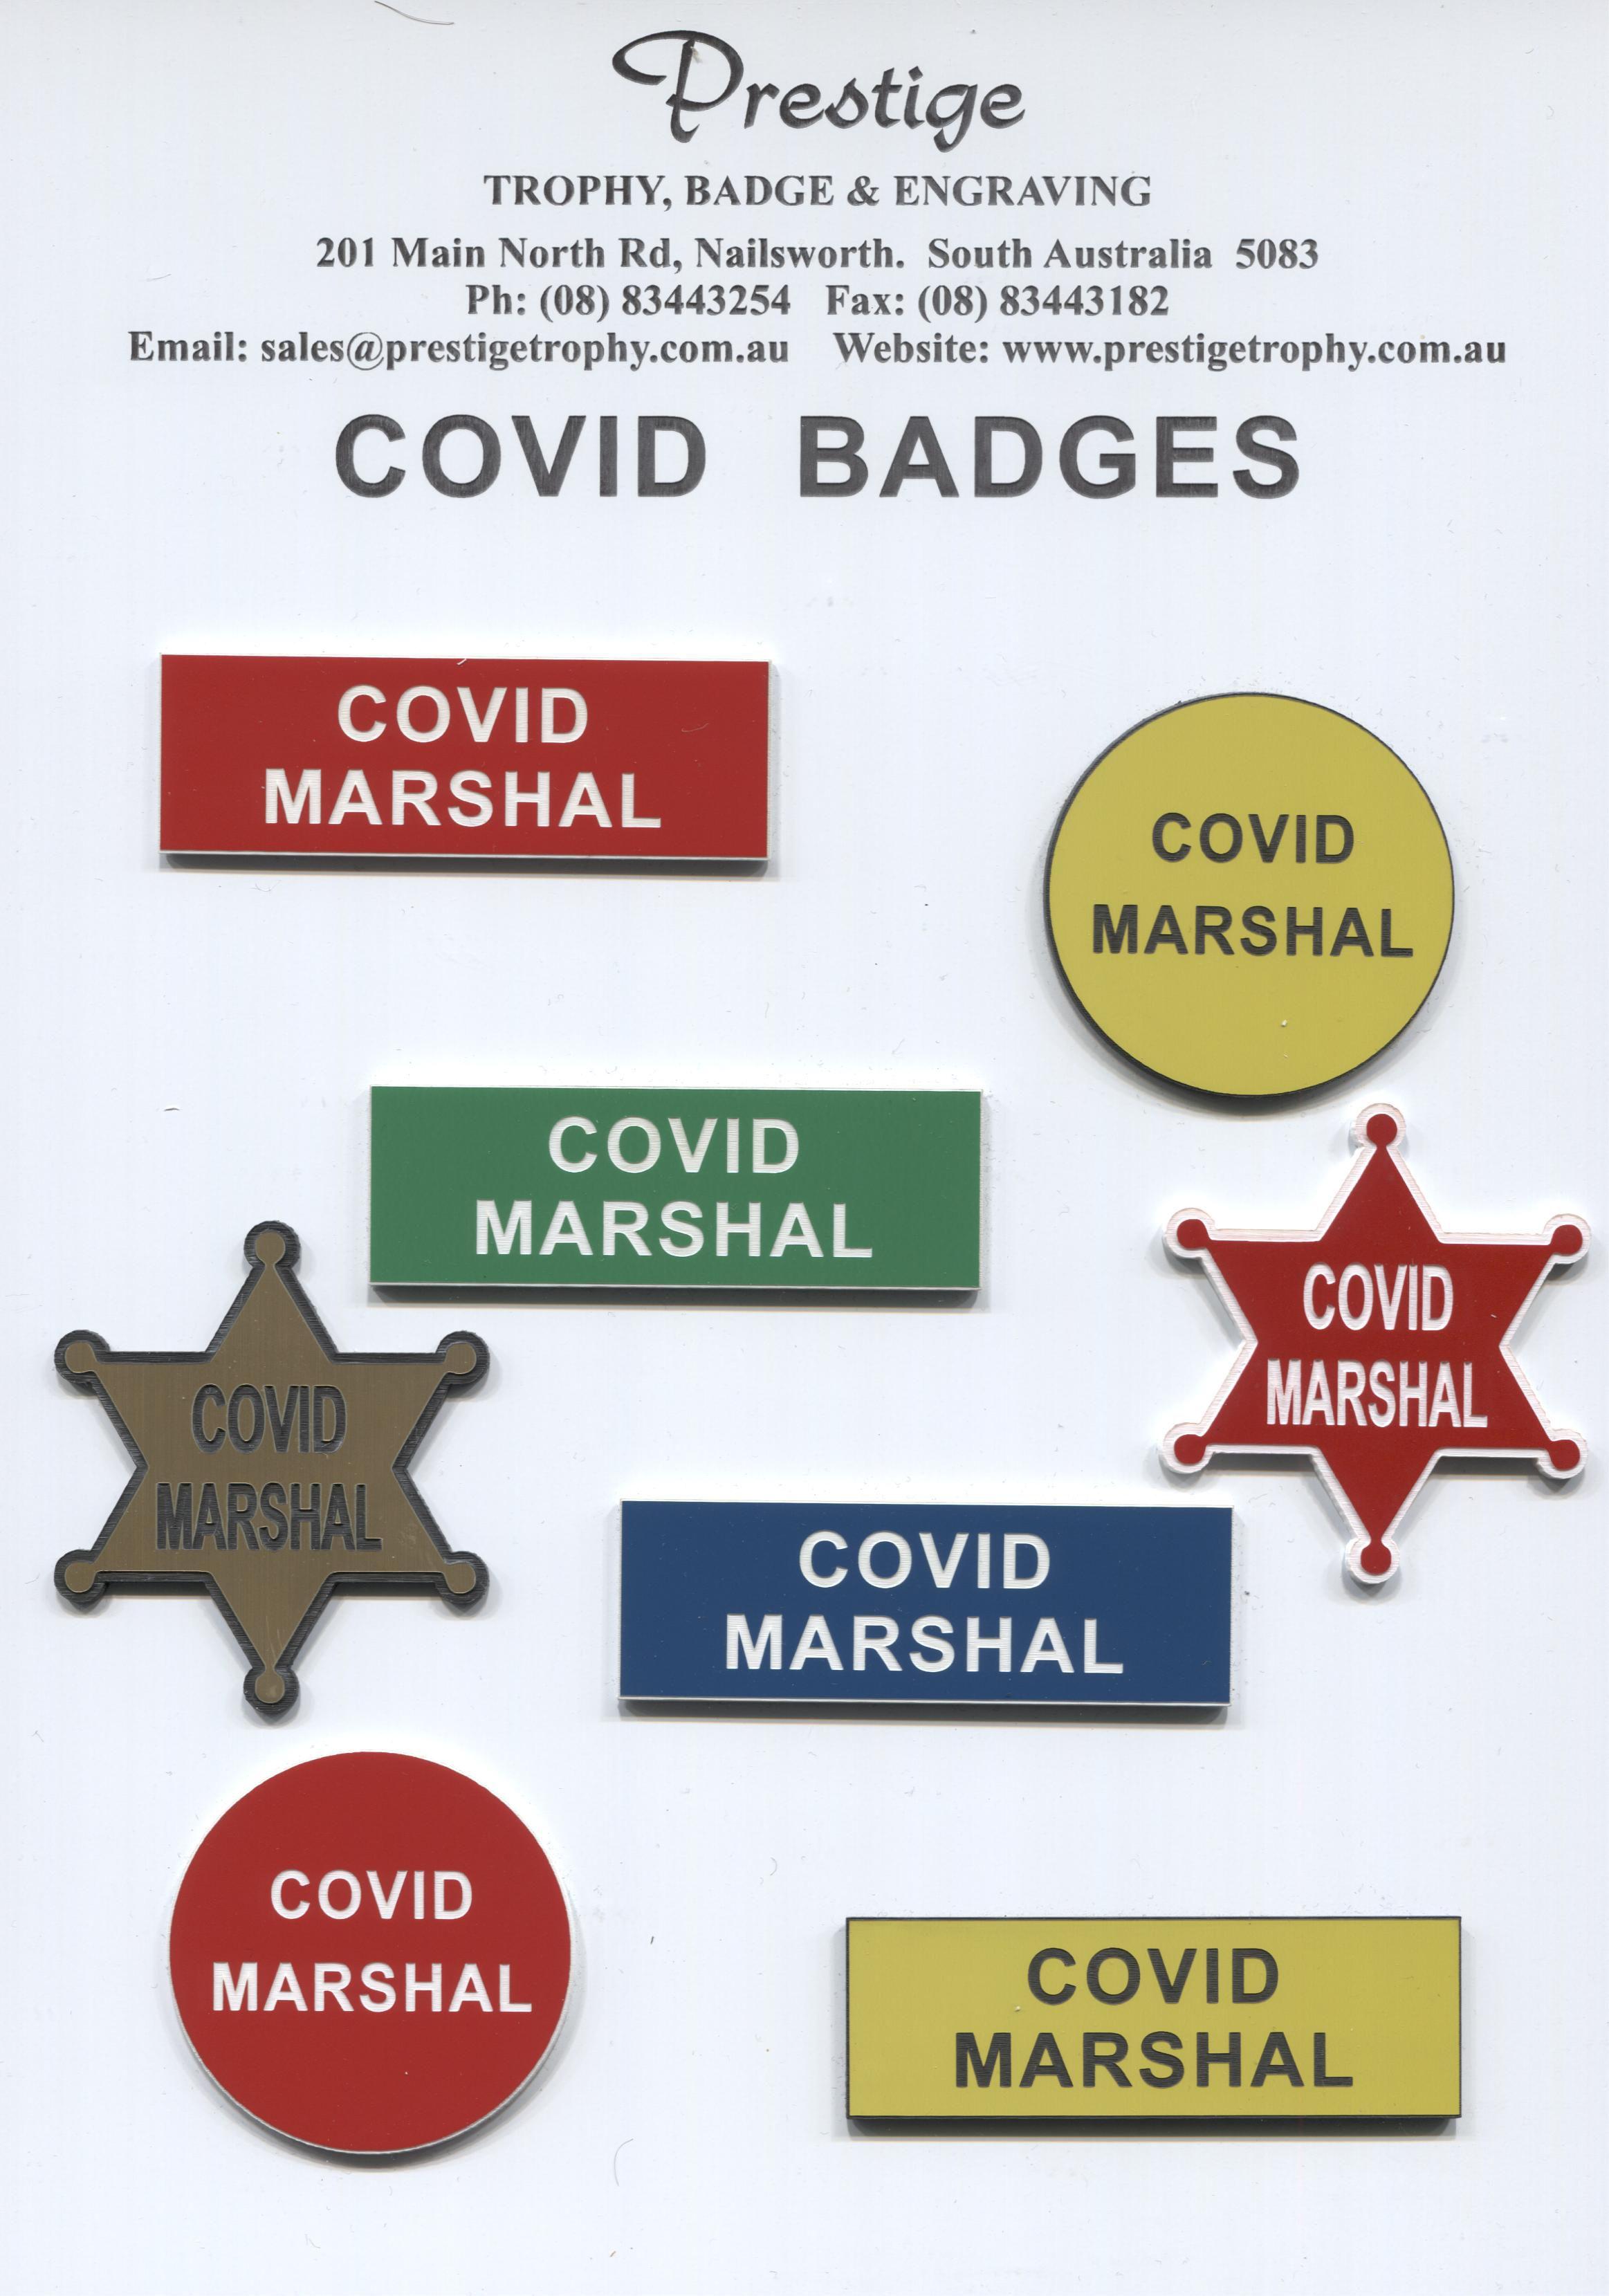 Covid Marshall